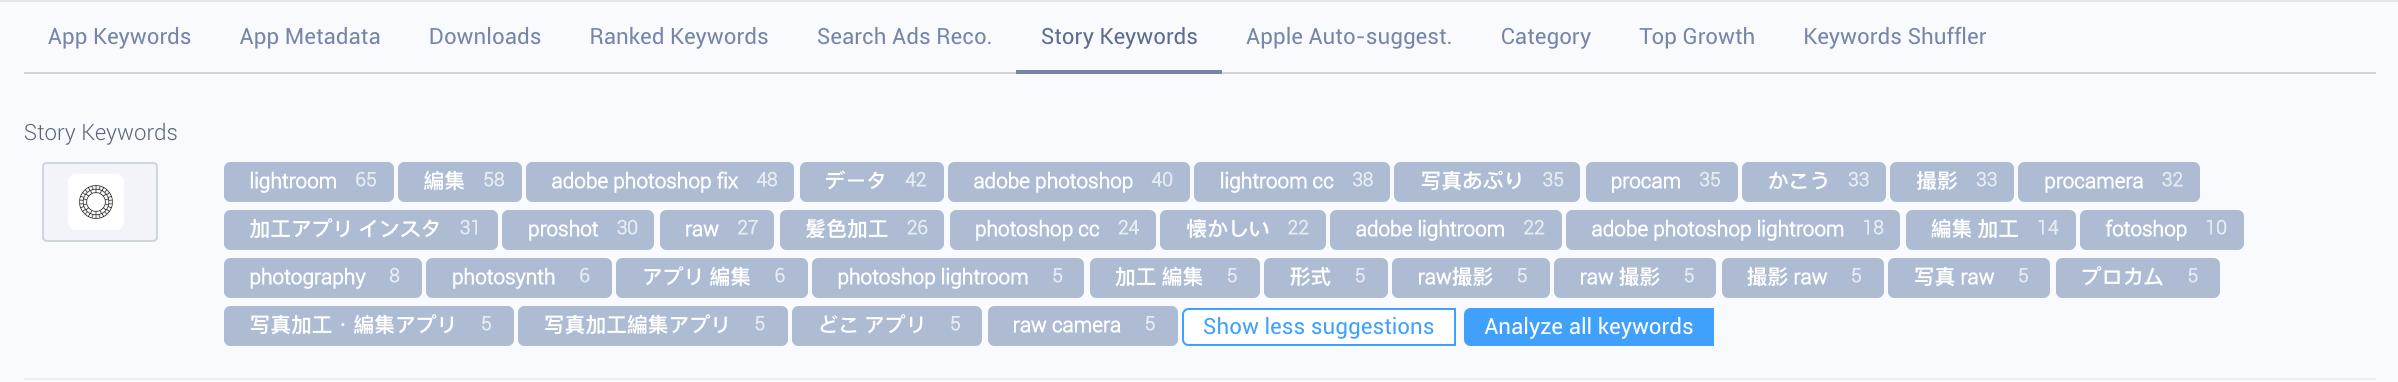 Story keywords for VSCO (Japan) on AppTweak.